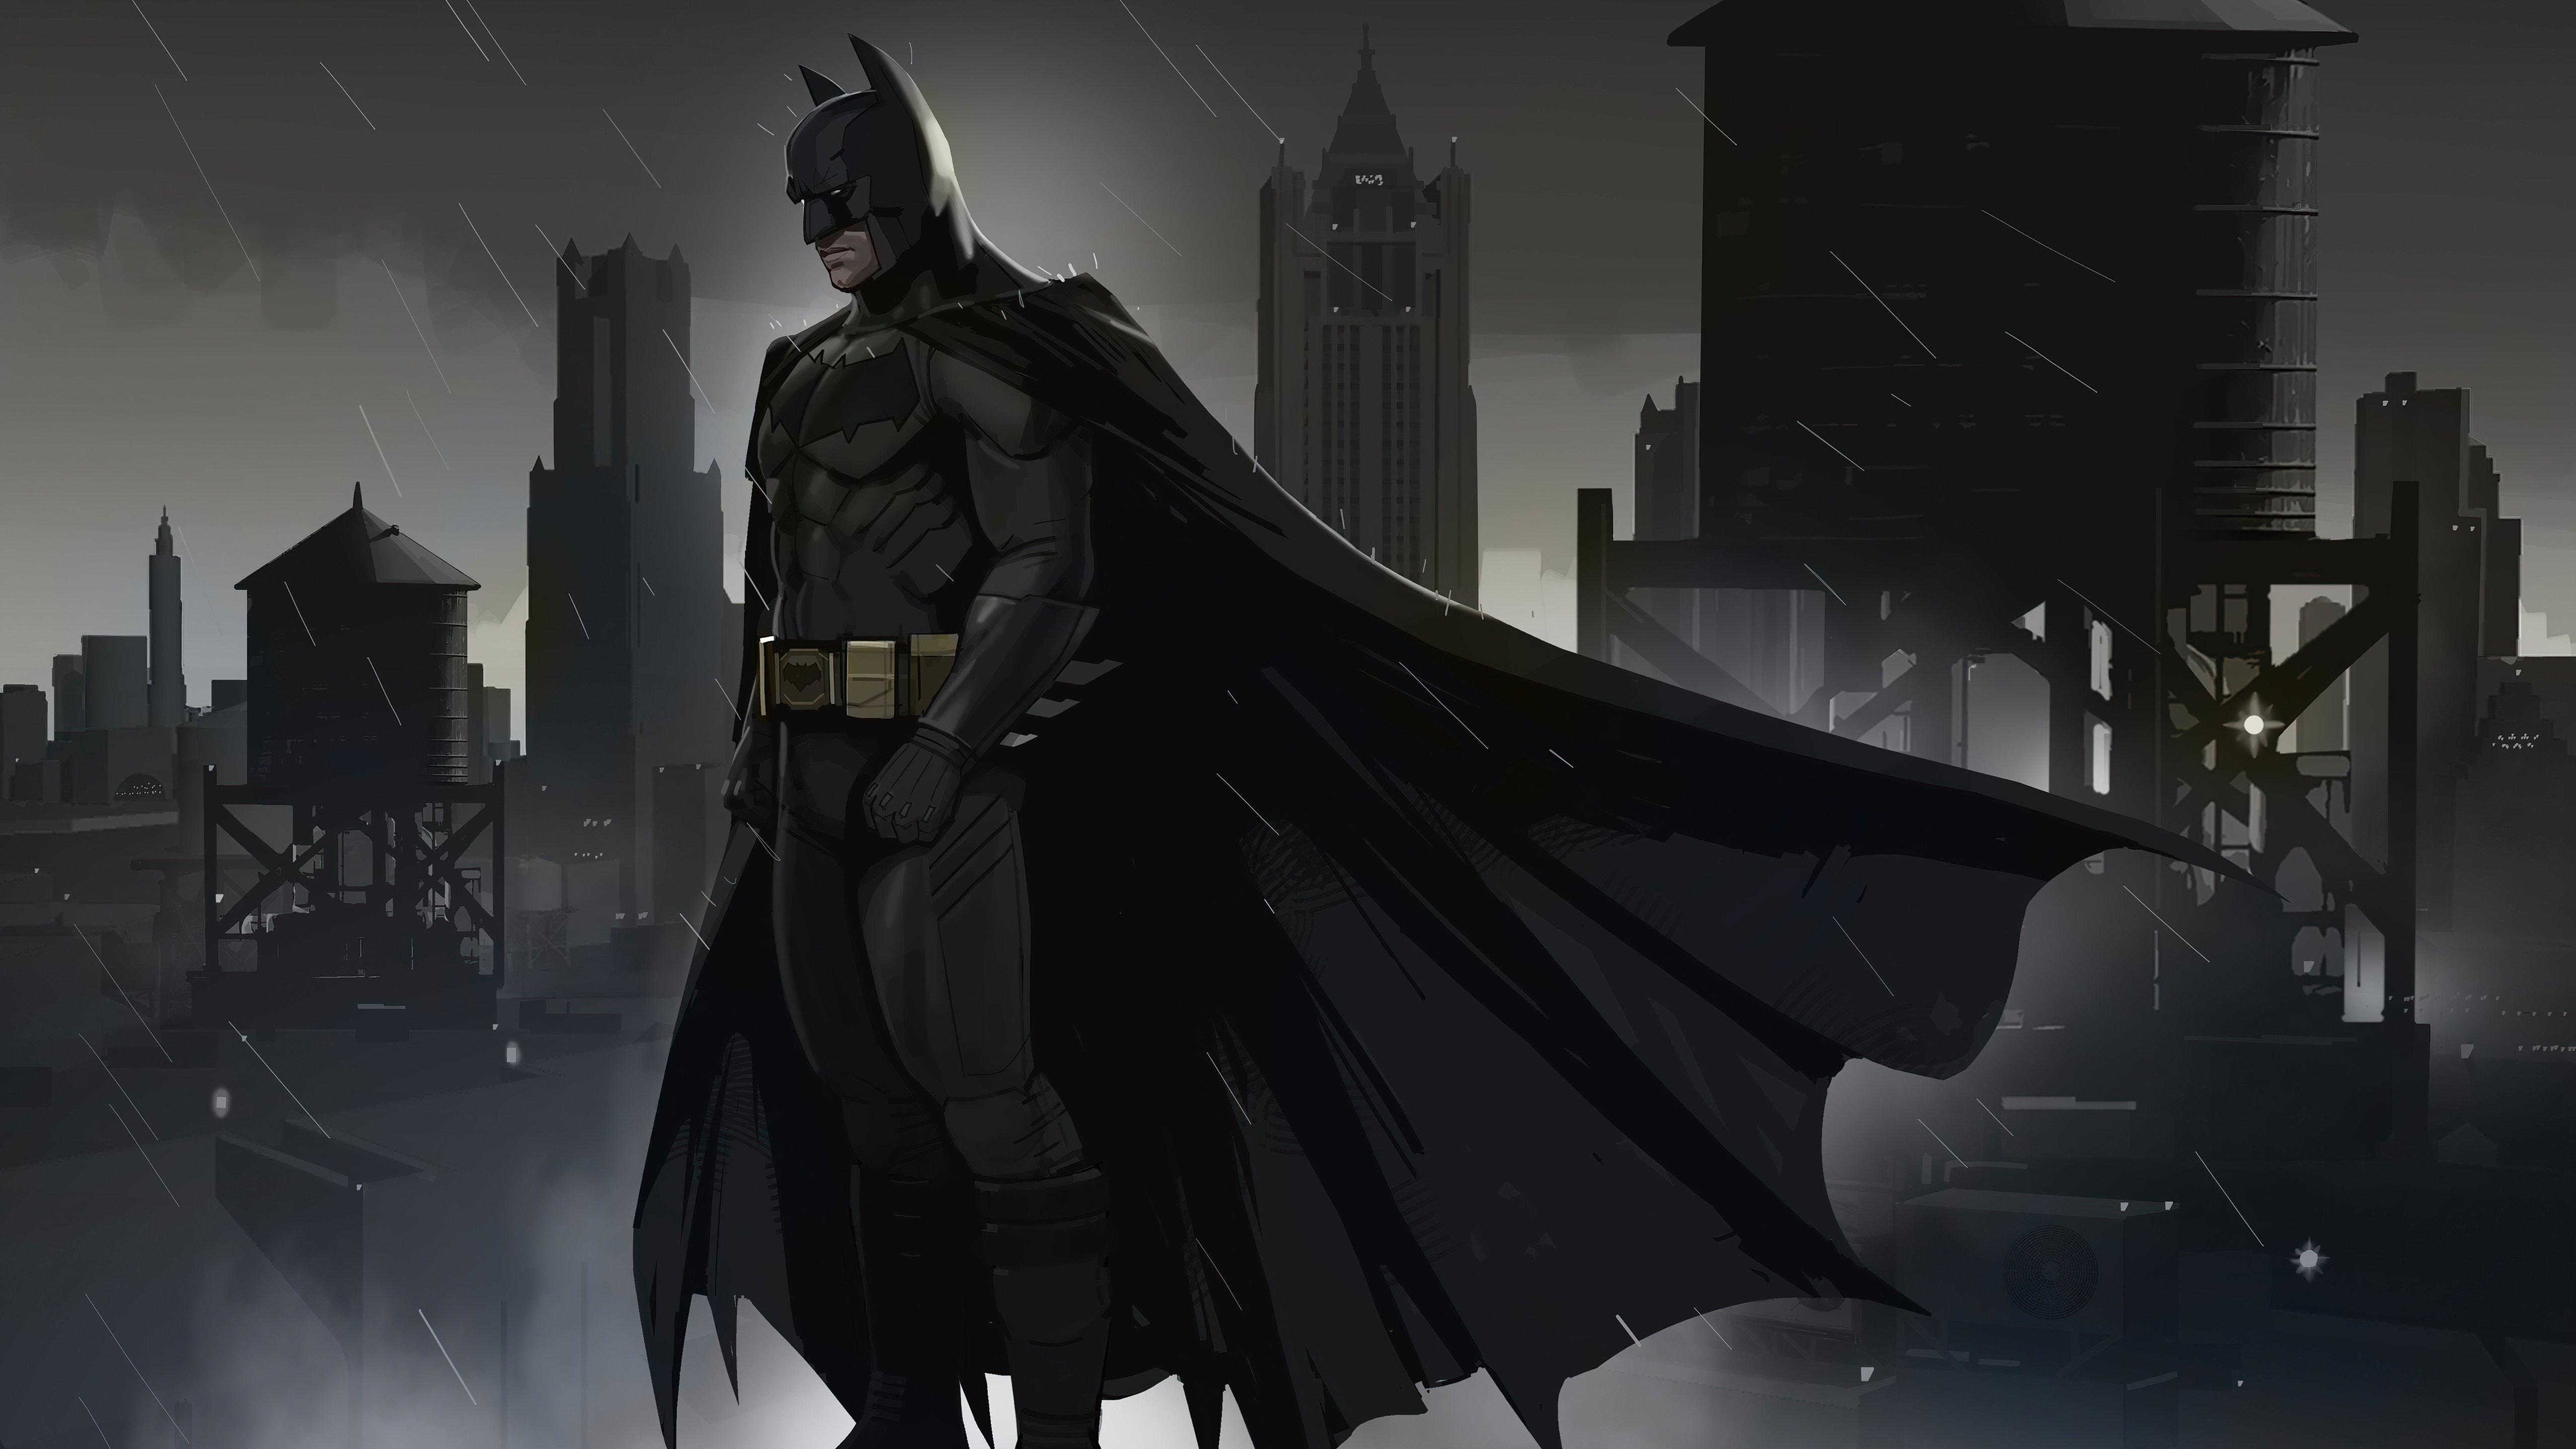 Wallpaper Batman Dreams in darkness